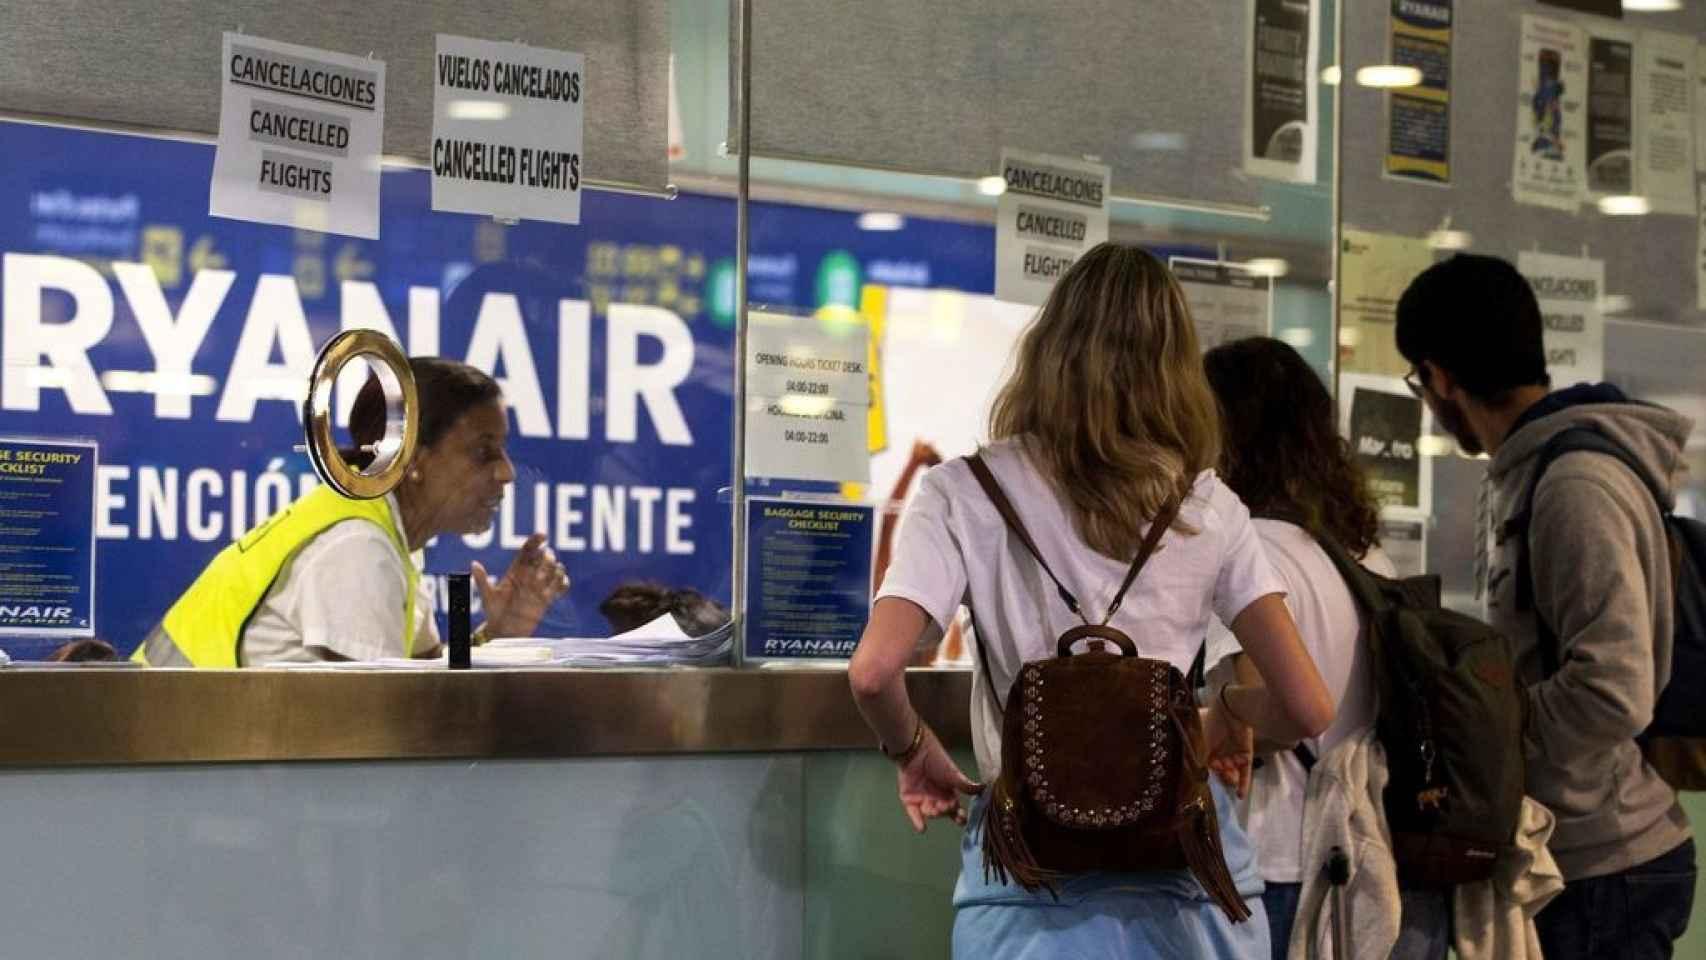 Ryanair ha tenido un verano complicado con huelgas y cancelaciones de vuelos